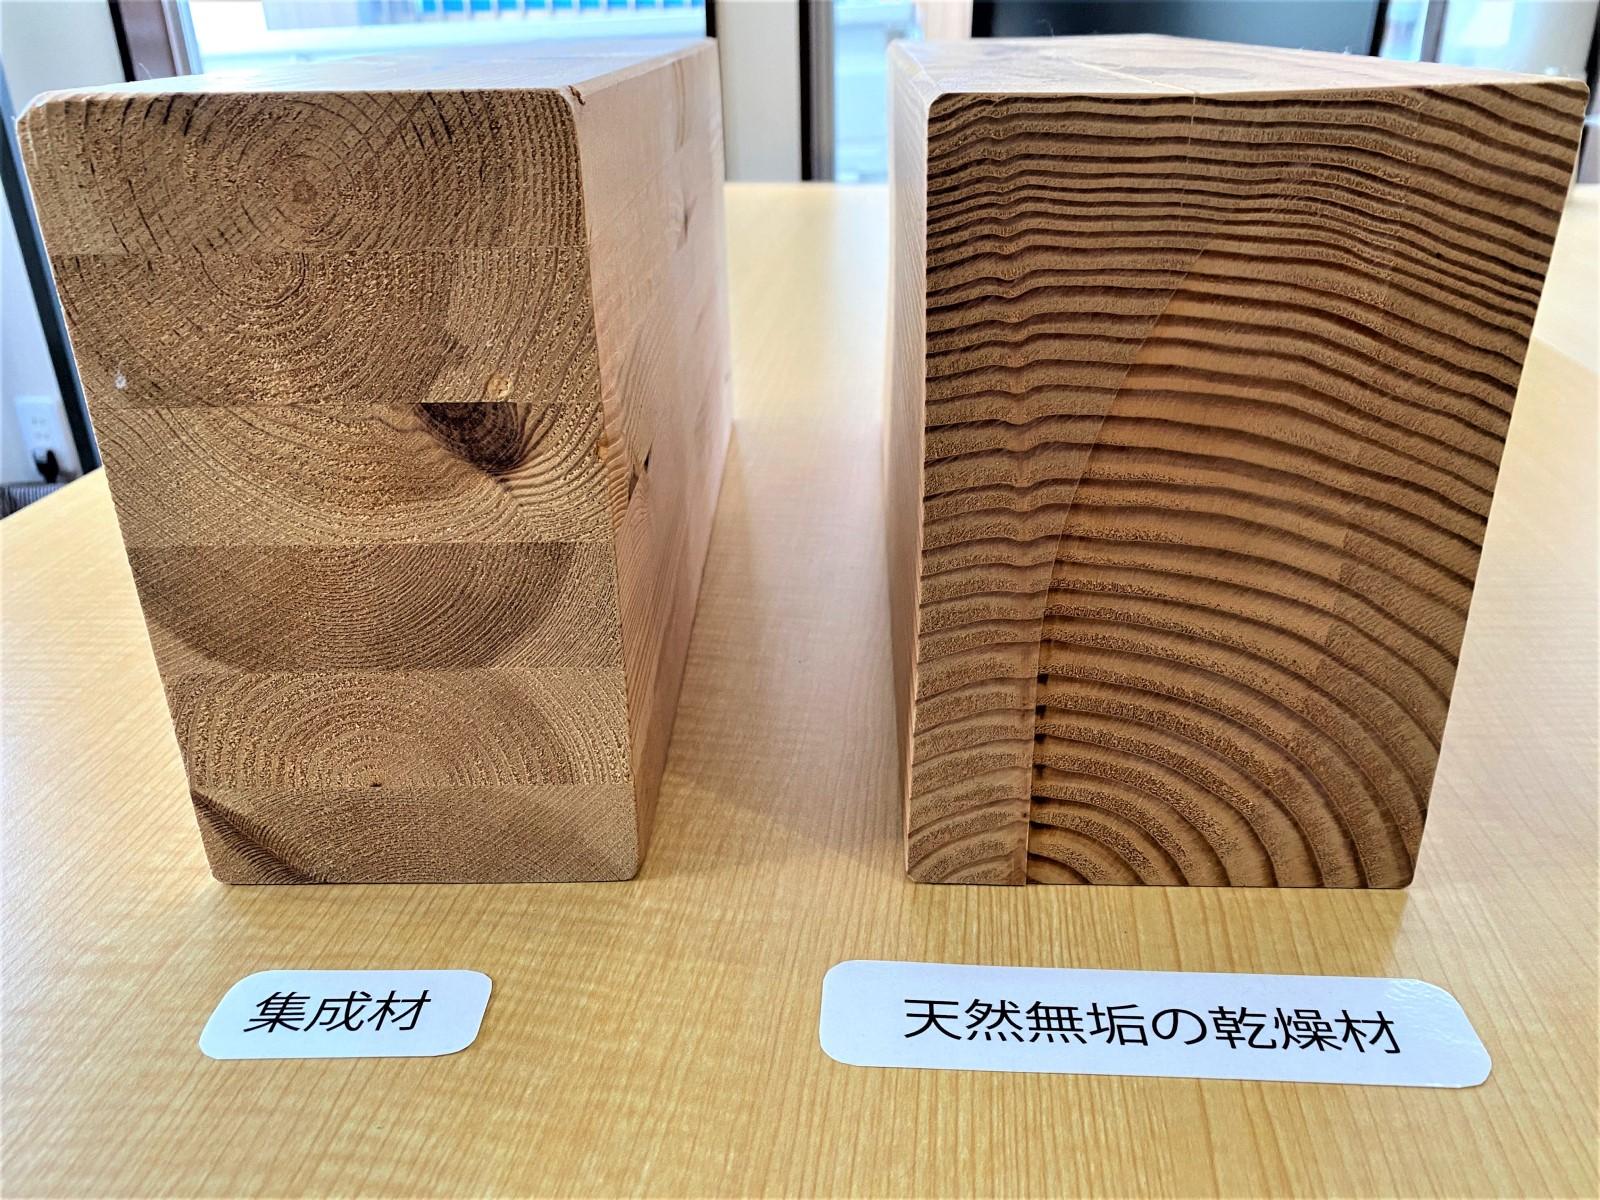 注文住宅の材料比較